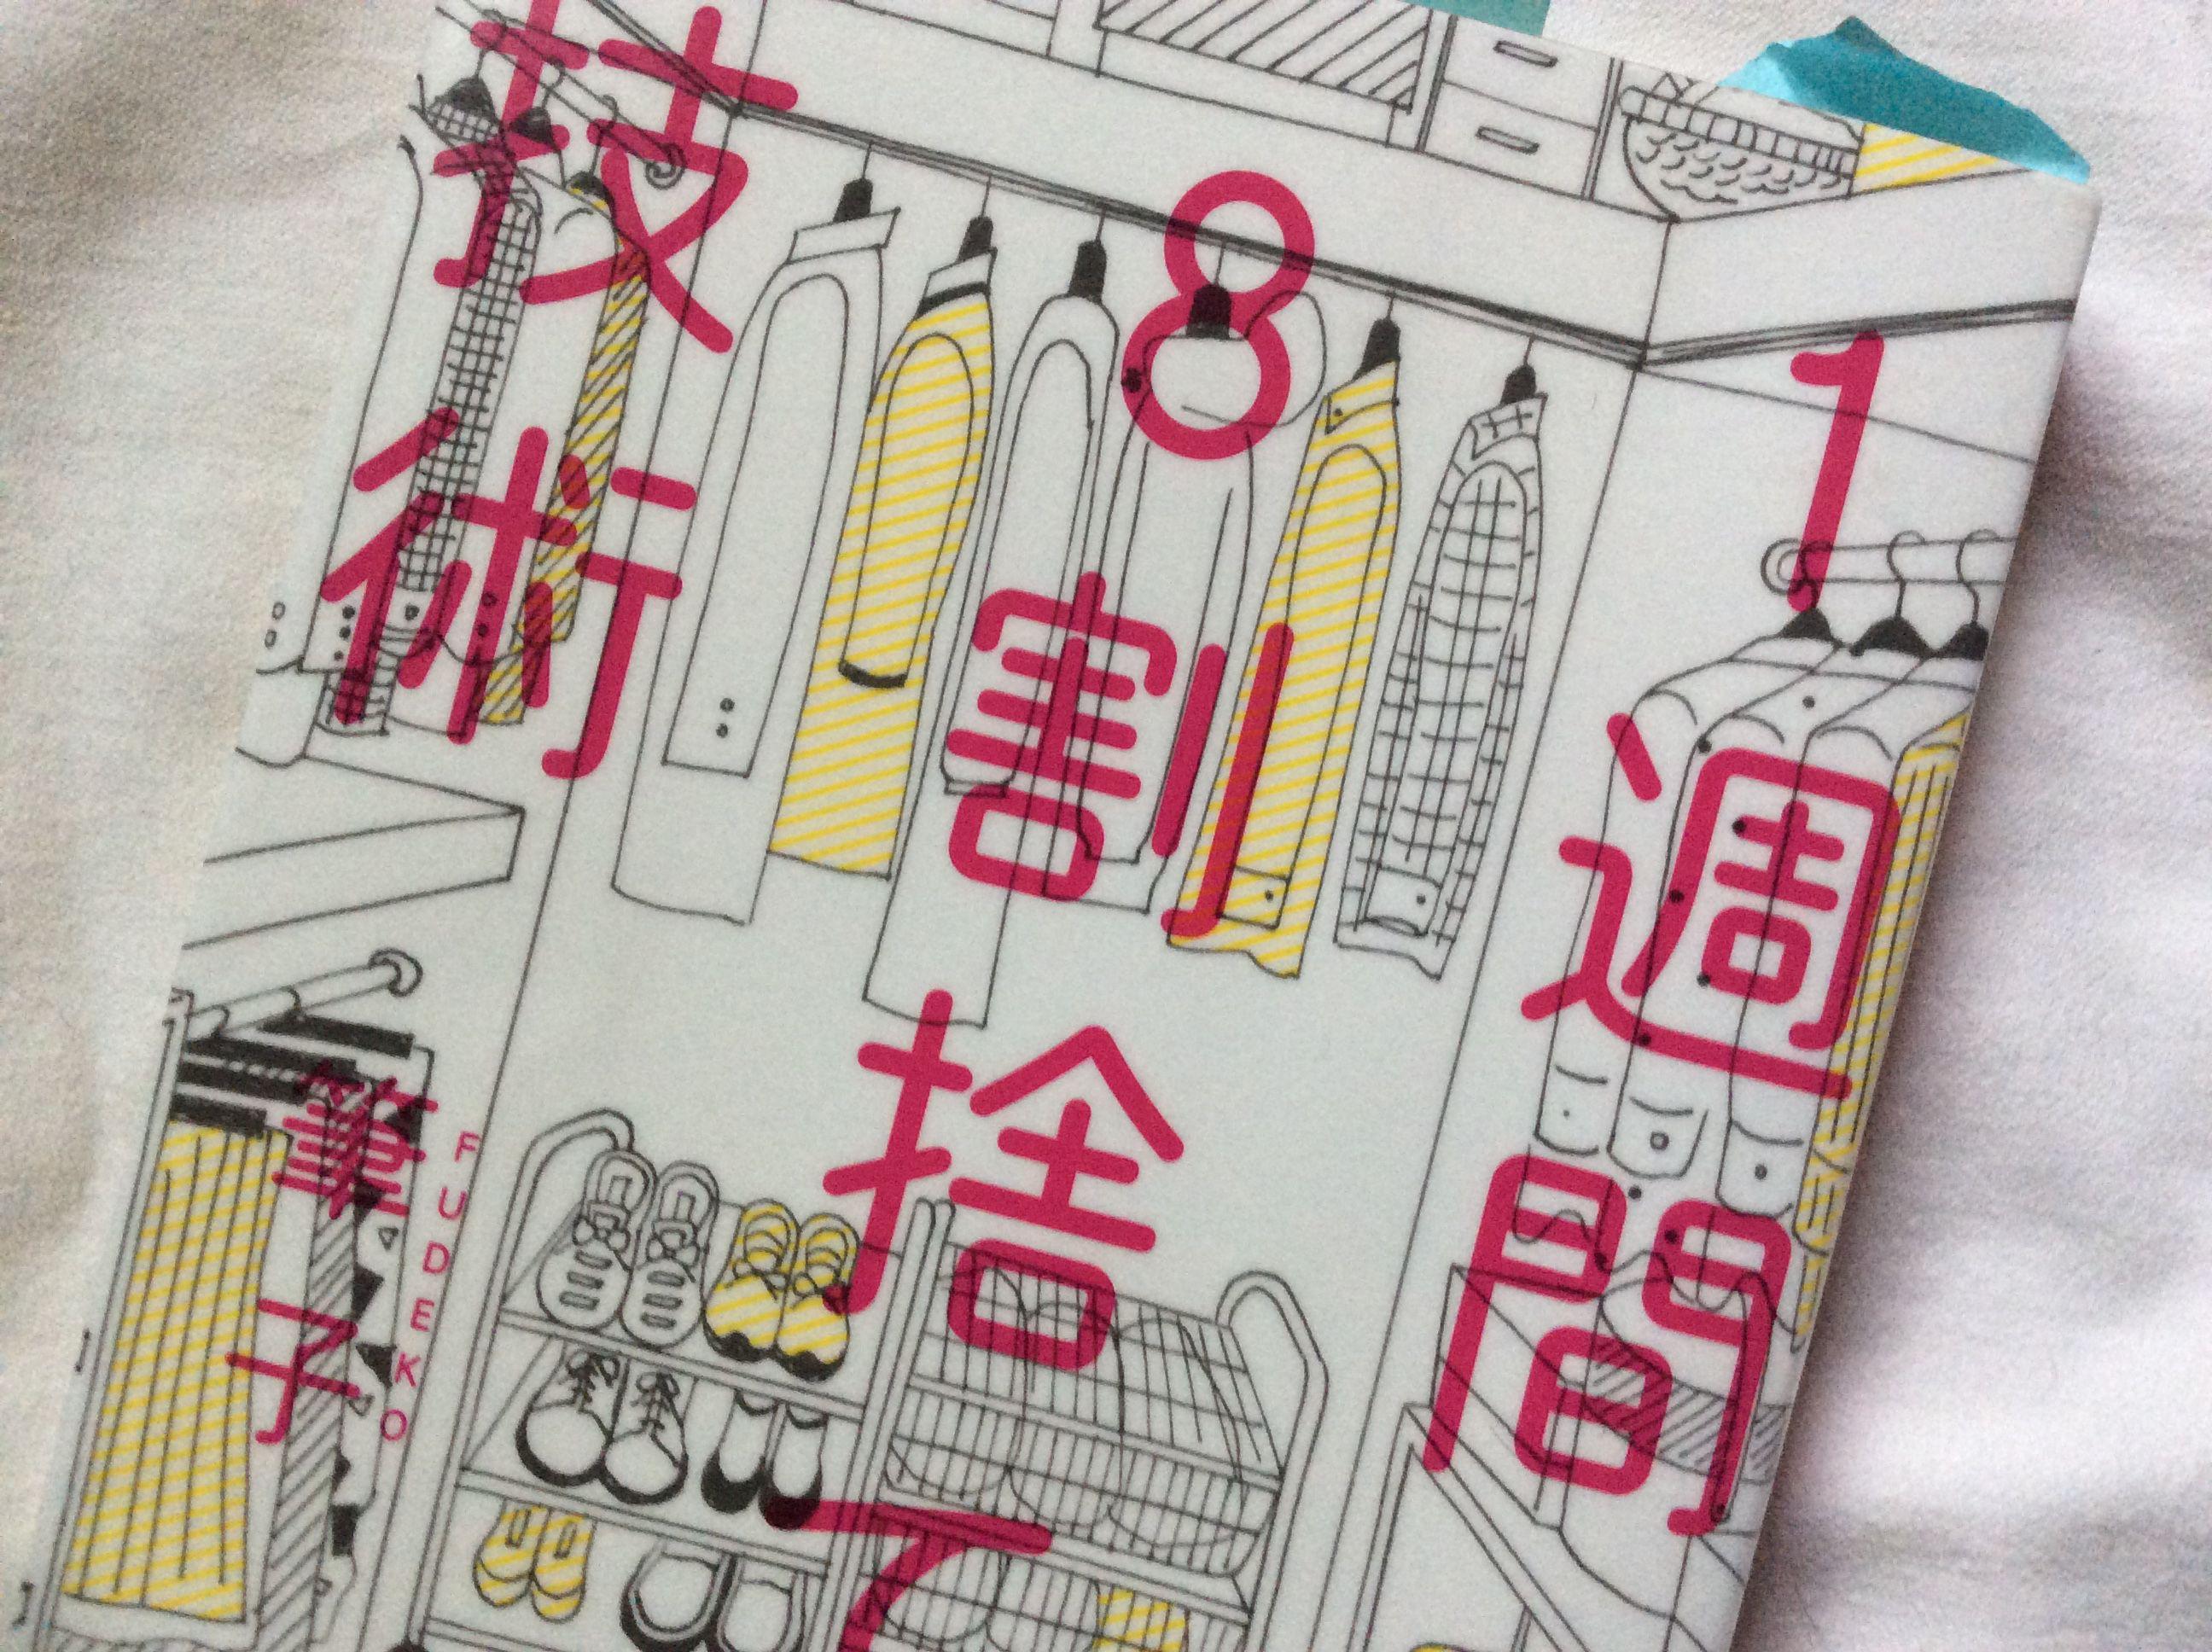 ジャーナル ブログ 子 筆